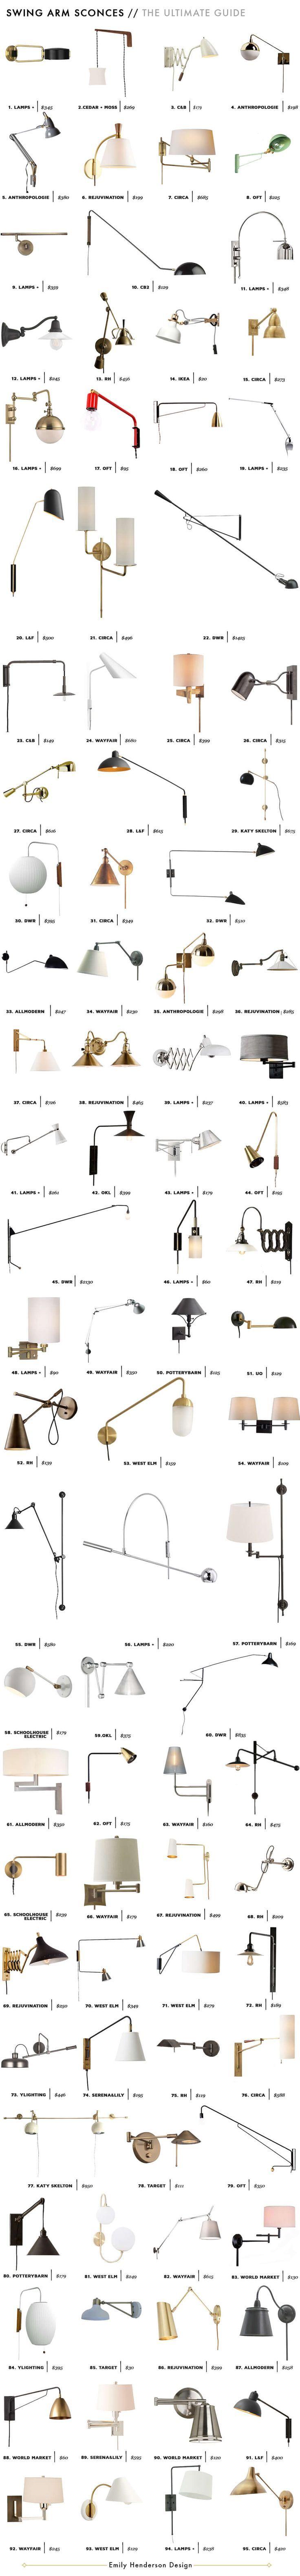 241 besten Product Design Bilder auf Pinterest